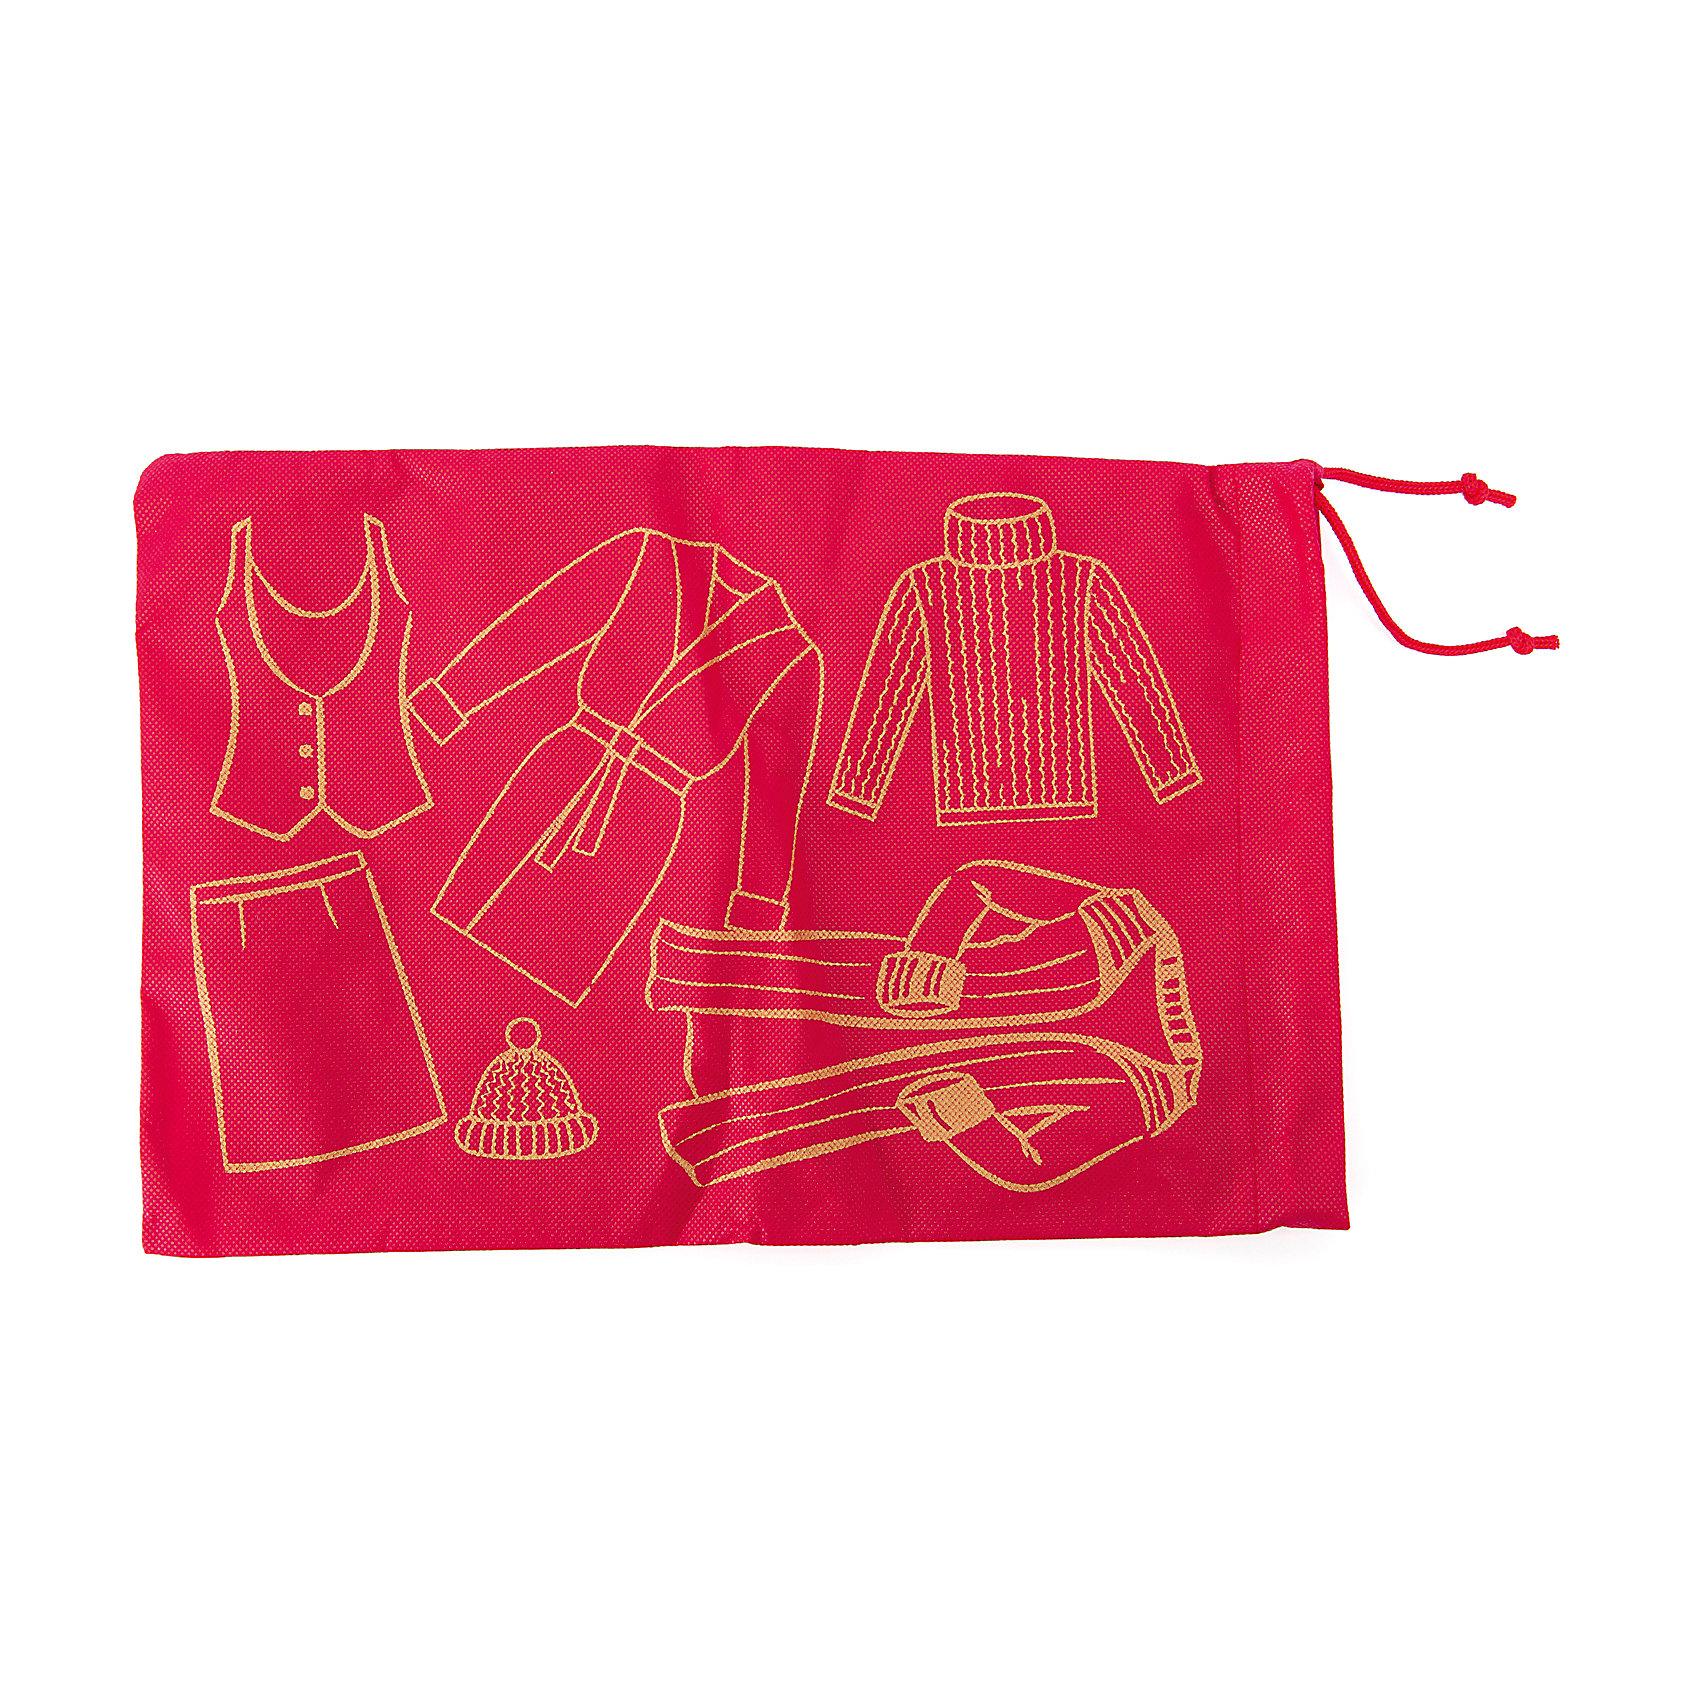 Органайзер для вещей Lady in Red (45*30), HomsuПорядок в детской<br>Удобный органайзер для хранения и перевозки вещей. Изготовлен из высококачественного материала, поможет полноценно сберечь вашу одежду, как в домашнем хранении, так и во время транспортировки. Размер изделия:45x30см.<br><br>Ширина мм: 250<br>Глубина мм: 300<br>Высота мм: 10<br>Вес г: 100<br>Возраст от месяцев: 216<br>Возраст до месяцев: 1188<br>Пол: Унисекс<br>Возраст: Детский<br>SKU: 5620315